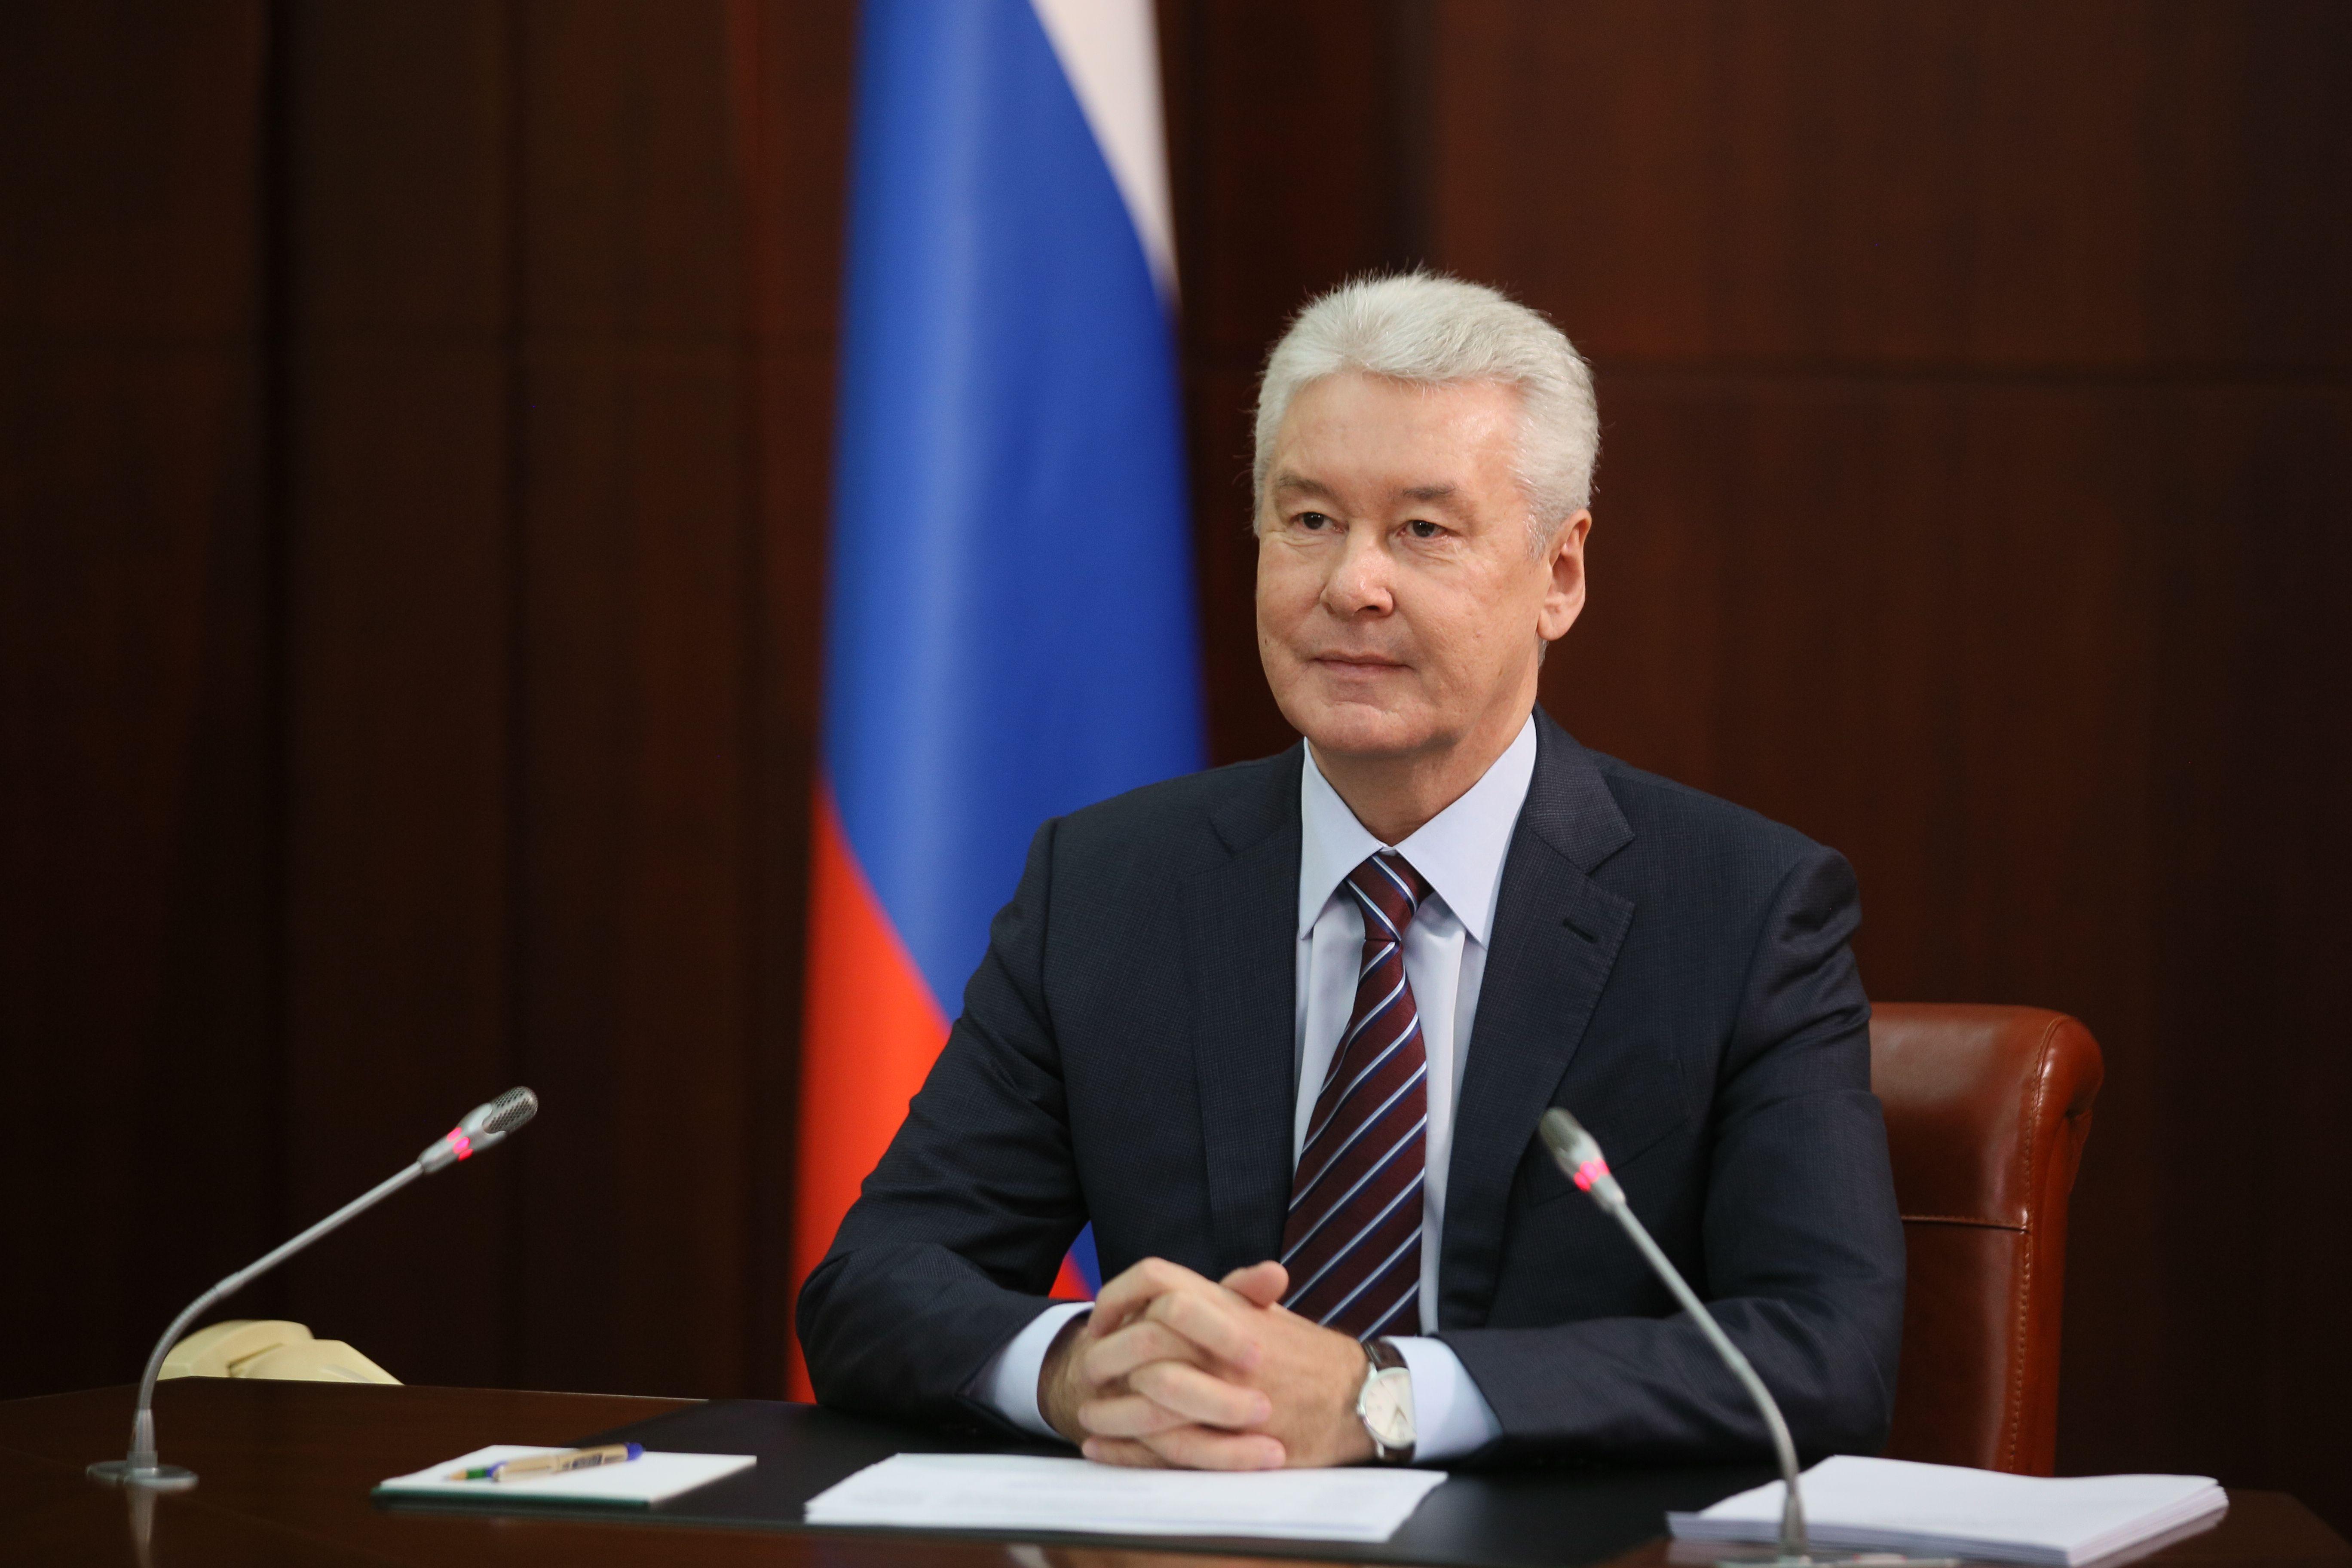 Сергей Собянин выйдет на связь с москвичами 11 декабря